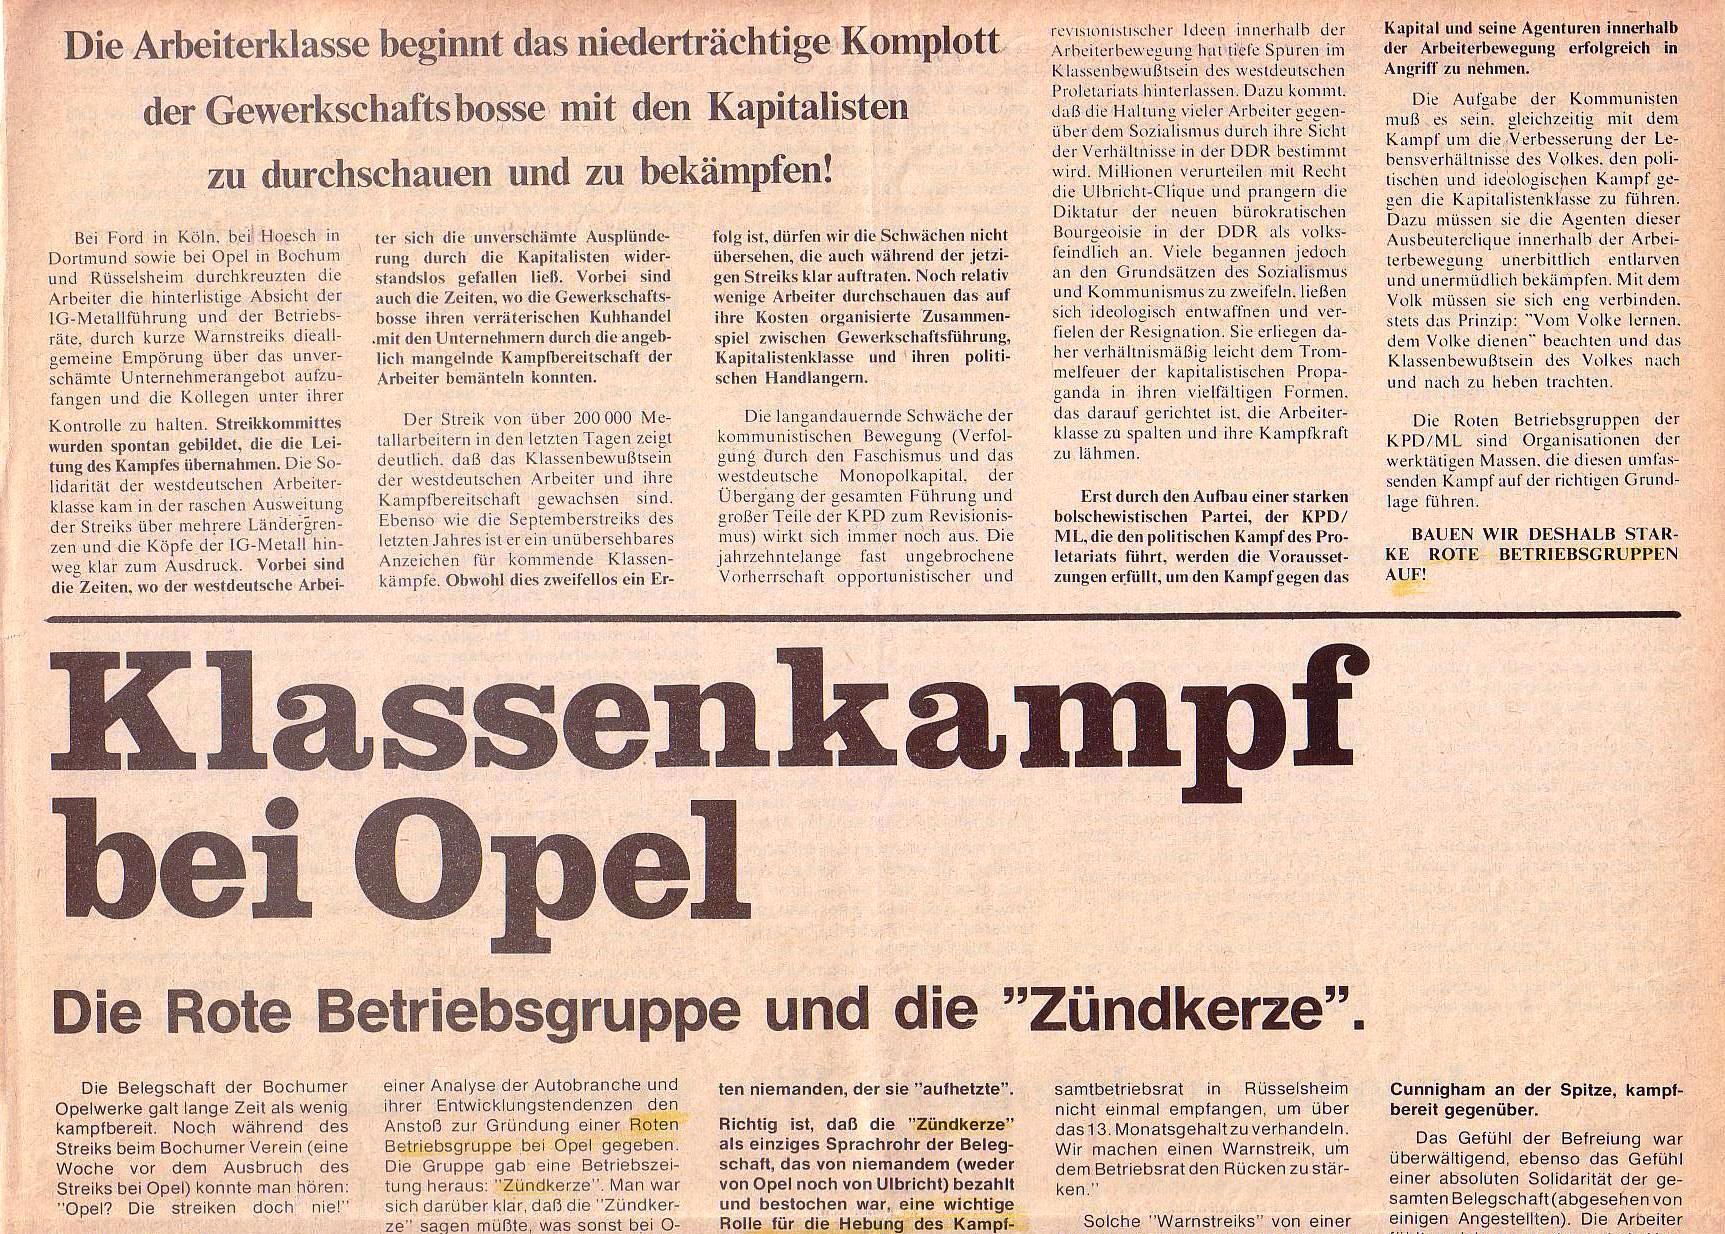 Roter Morgen, 4. Jg., Oktober 1970, Nr. 9, Seite 3a